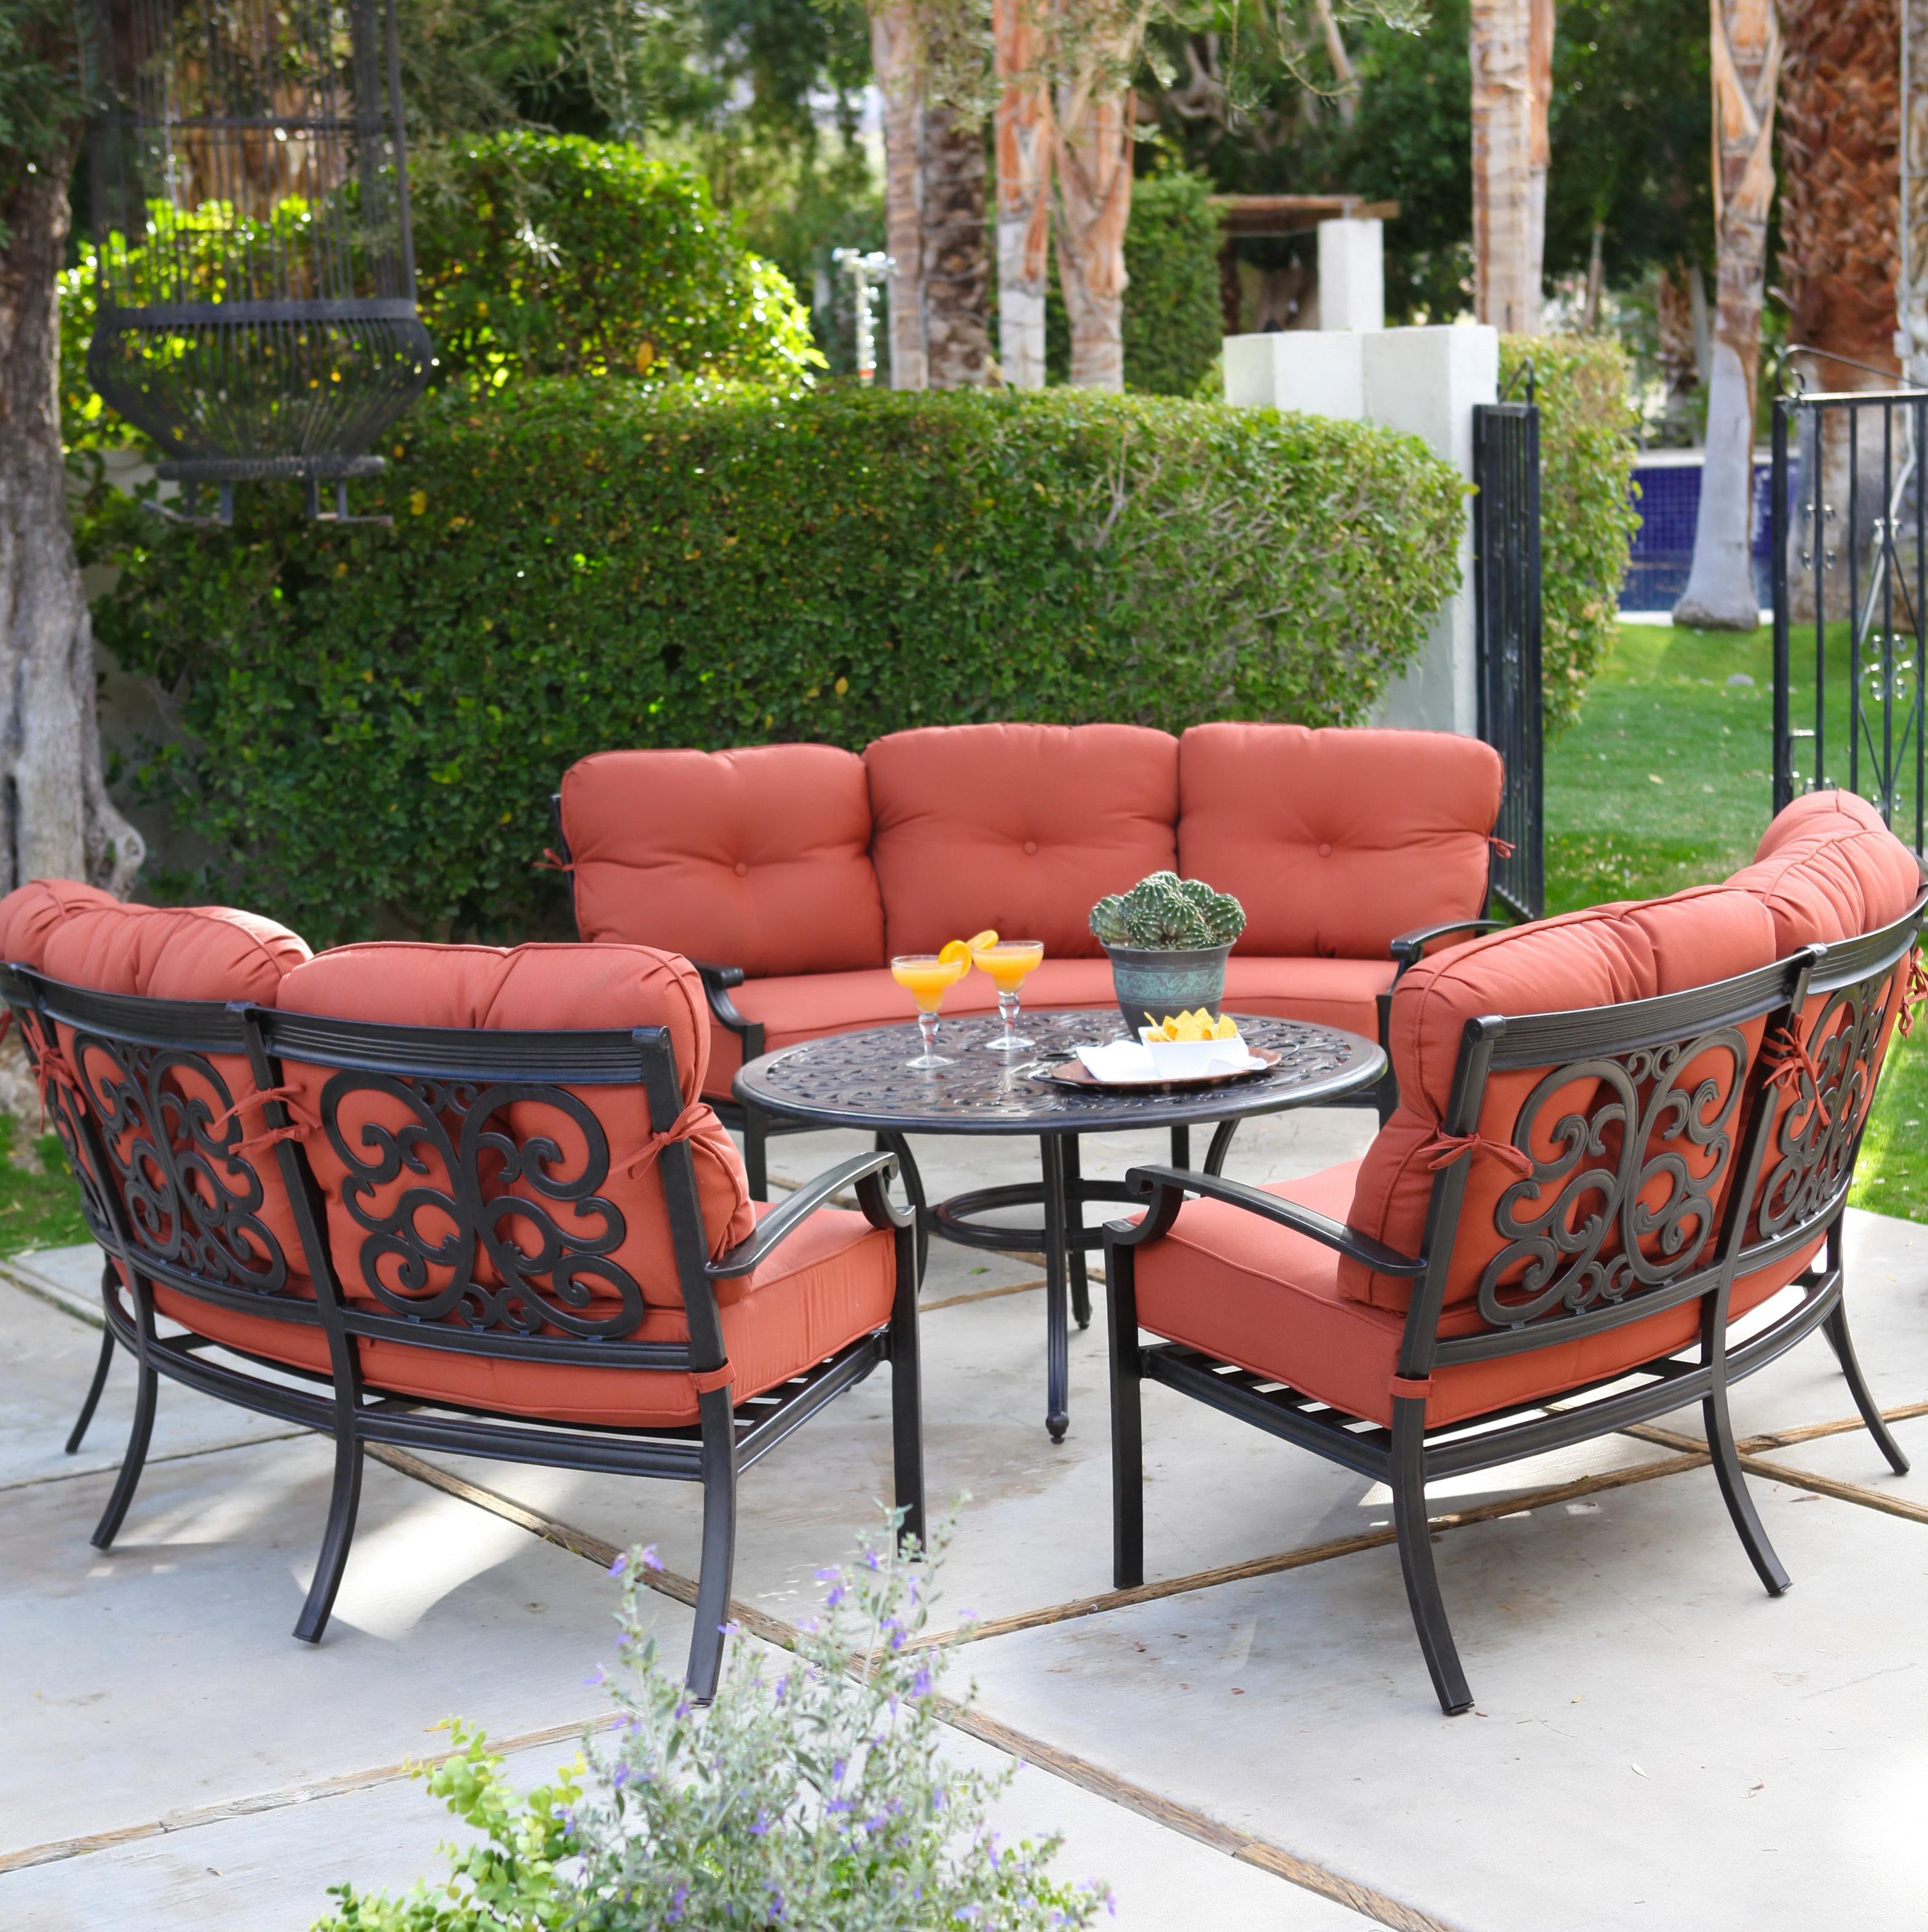 Cast Aluminum Patio Furniture Conversation Sets Patio 765 Home